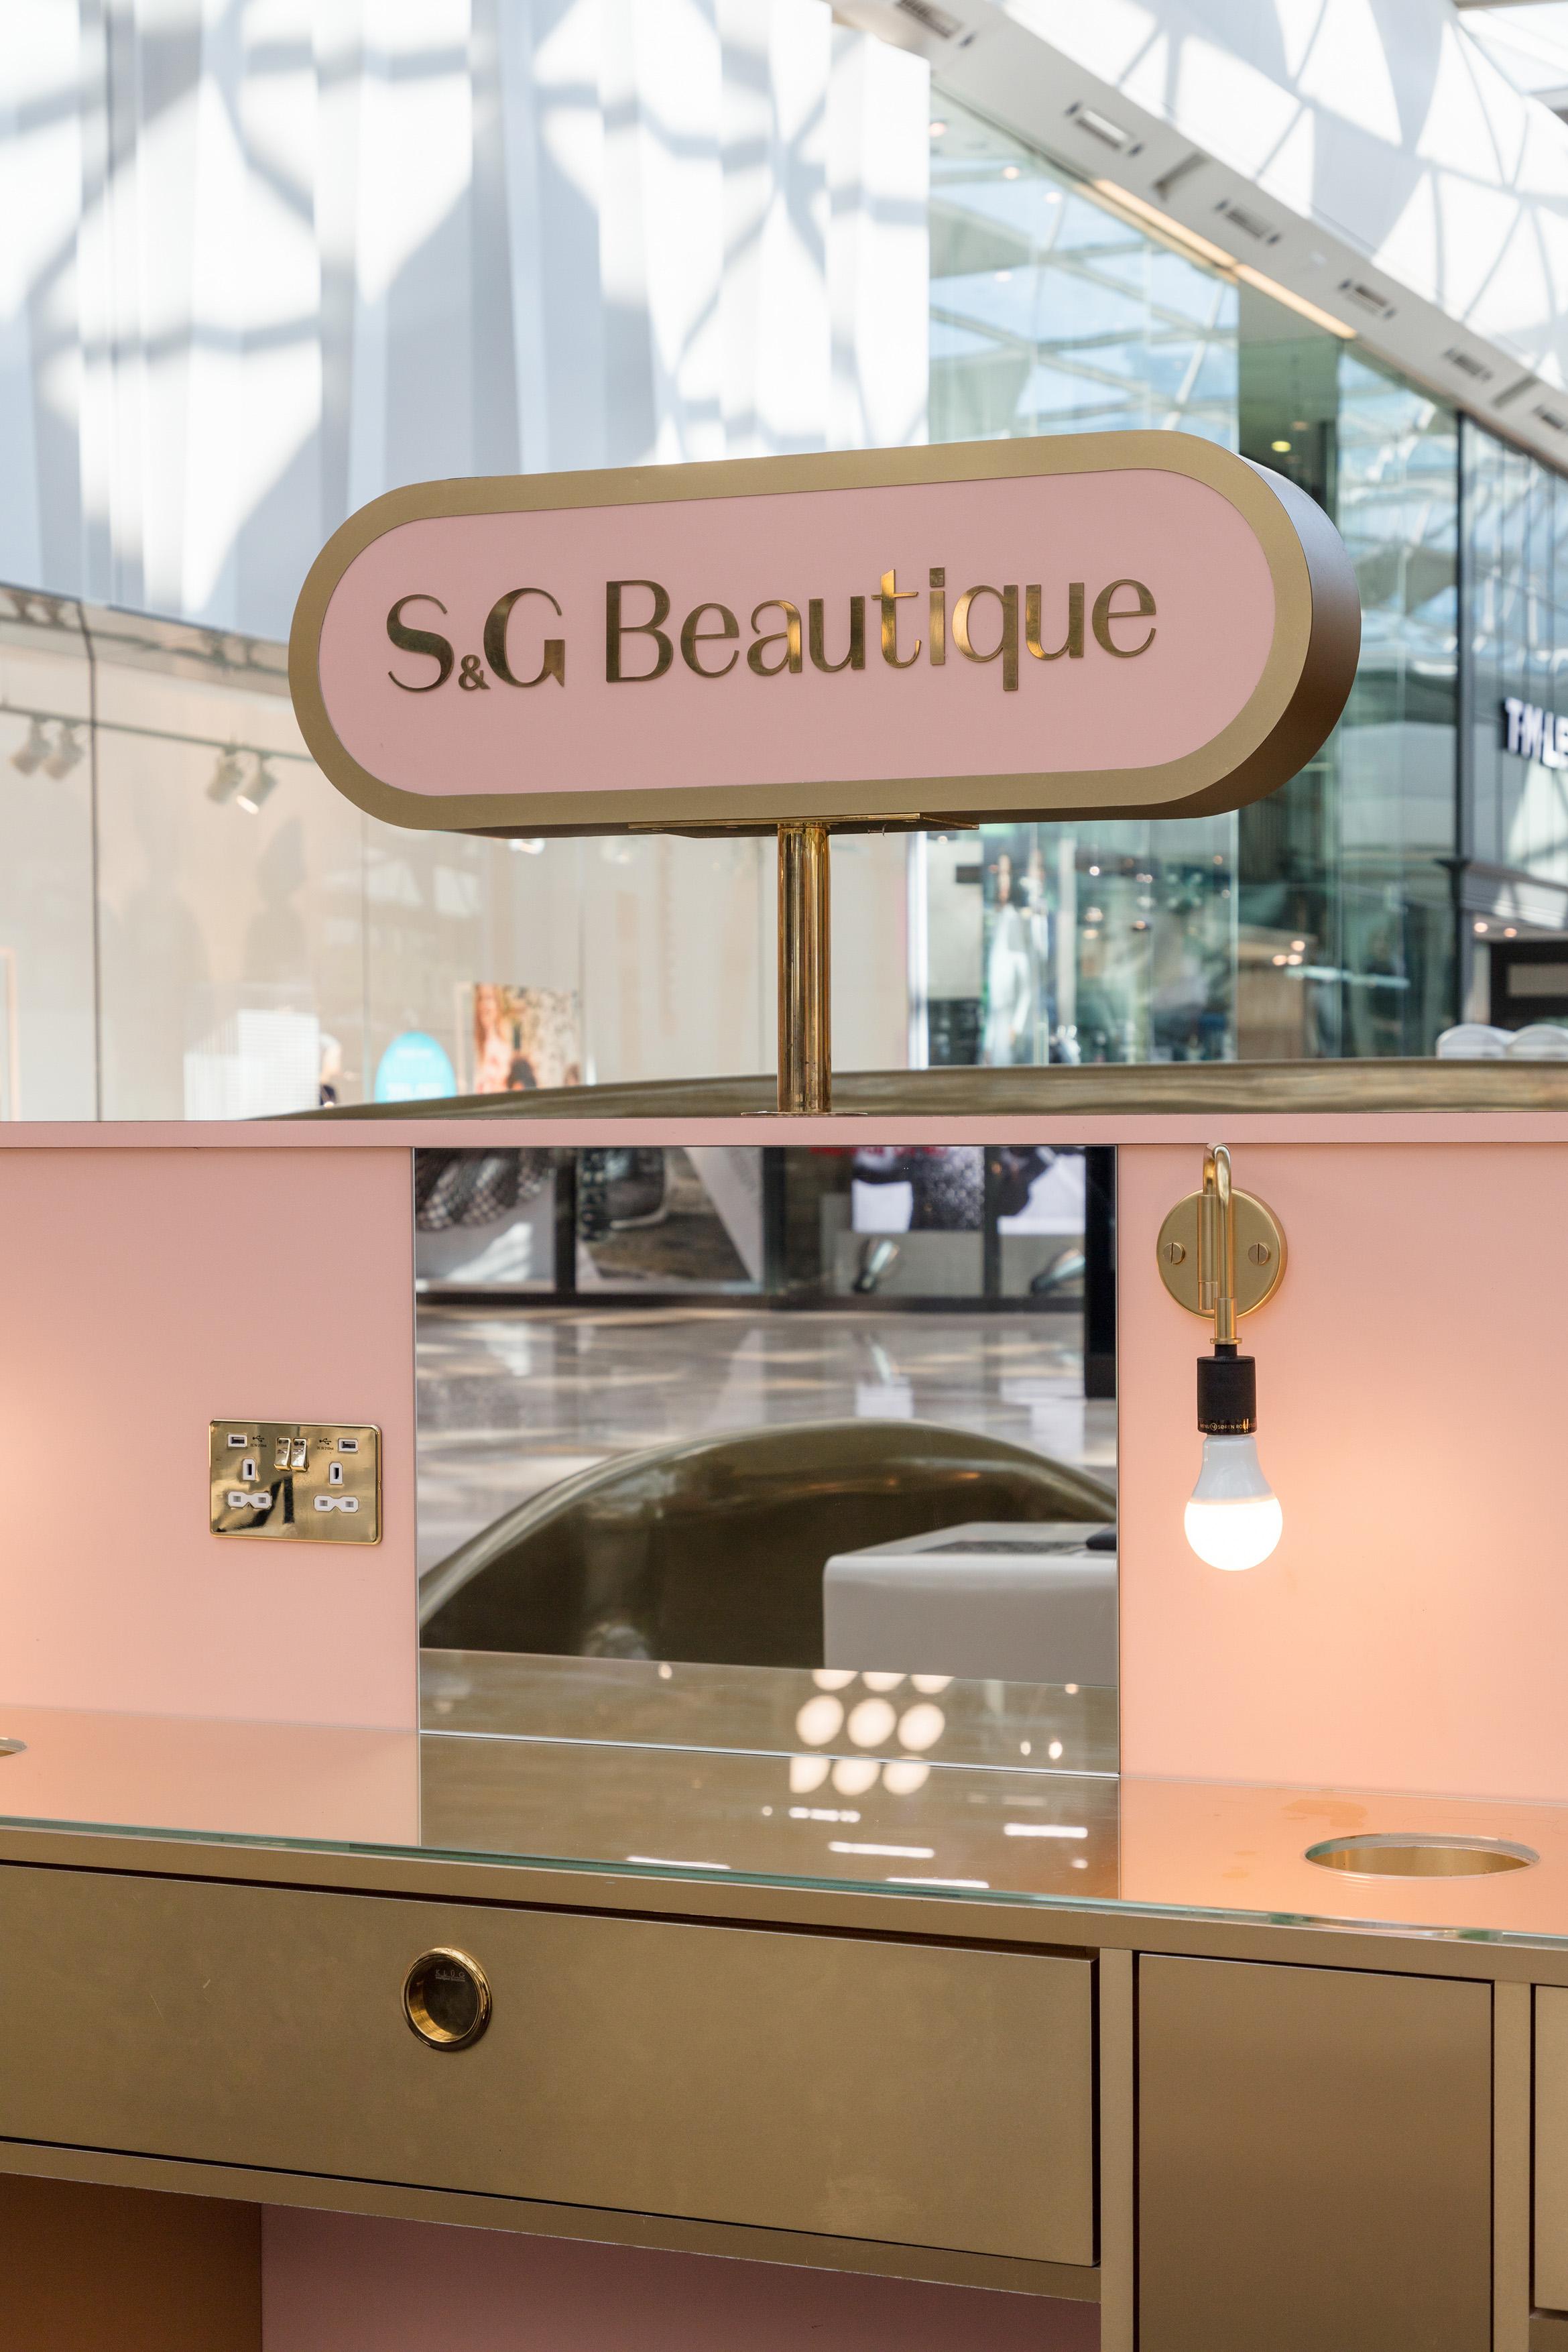 Mizzi Studio, S&G Beautique, Westfield London_photo Luke Hayes (11).jpg